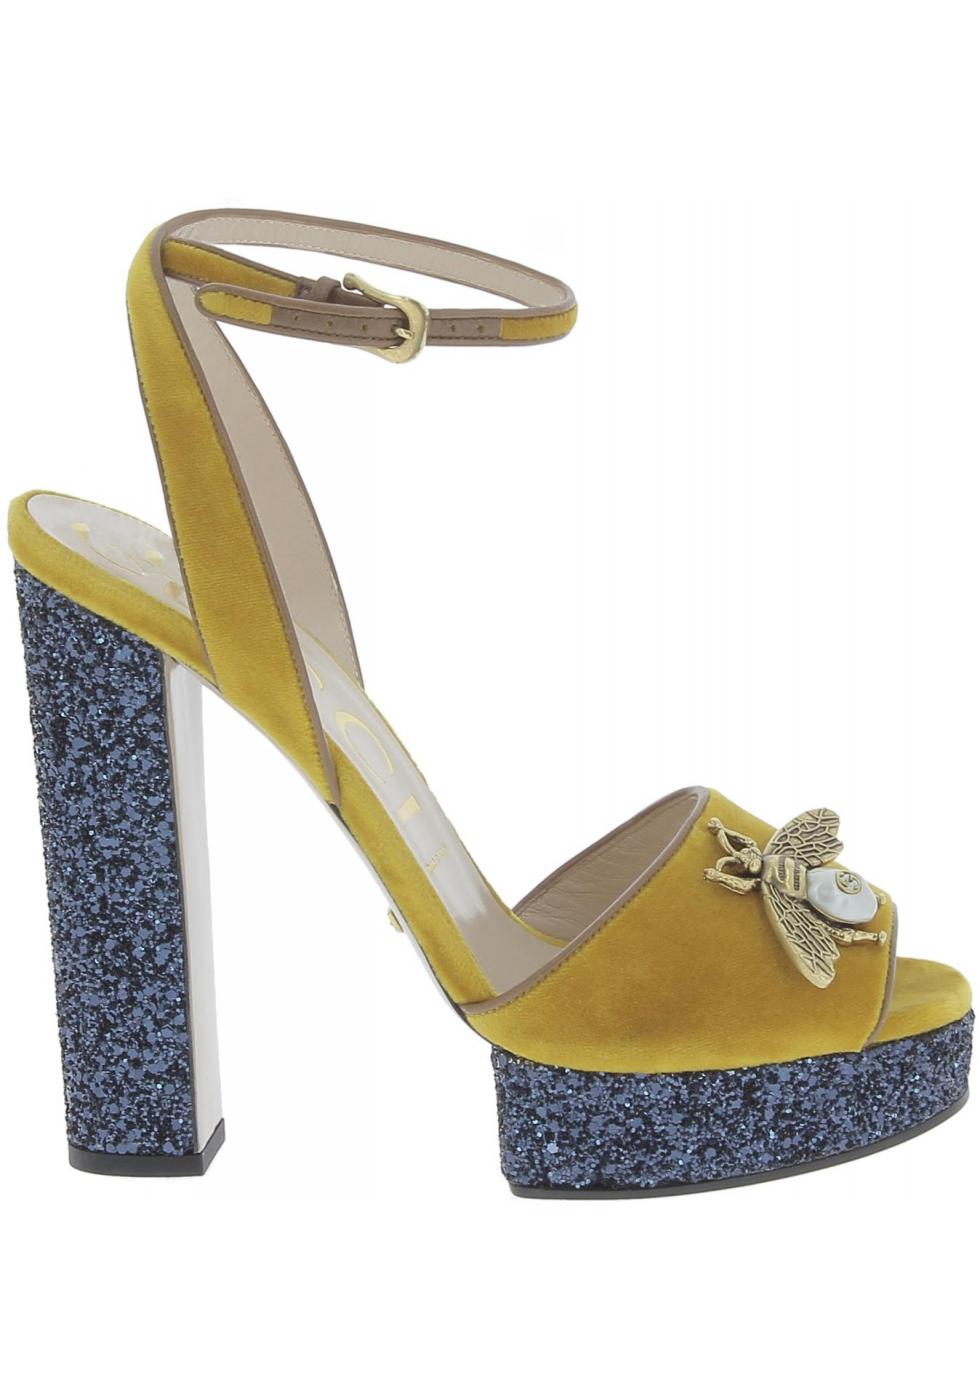 ... Gucci Sandalias para mujer en piel de becerro amarilla con plataforma  azul ... 2ceaf340866